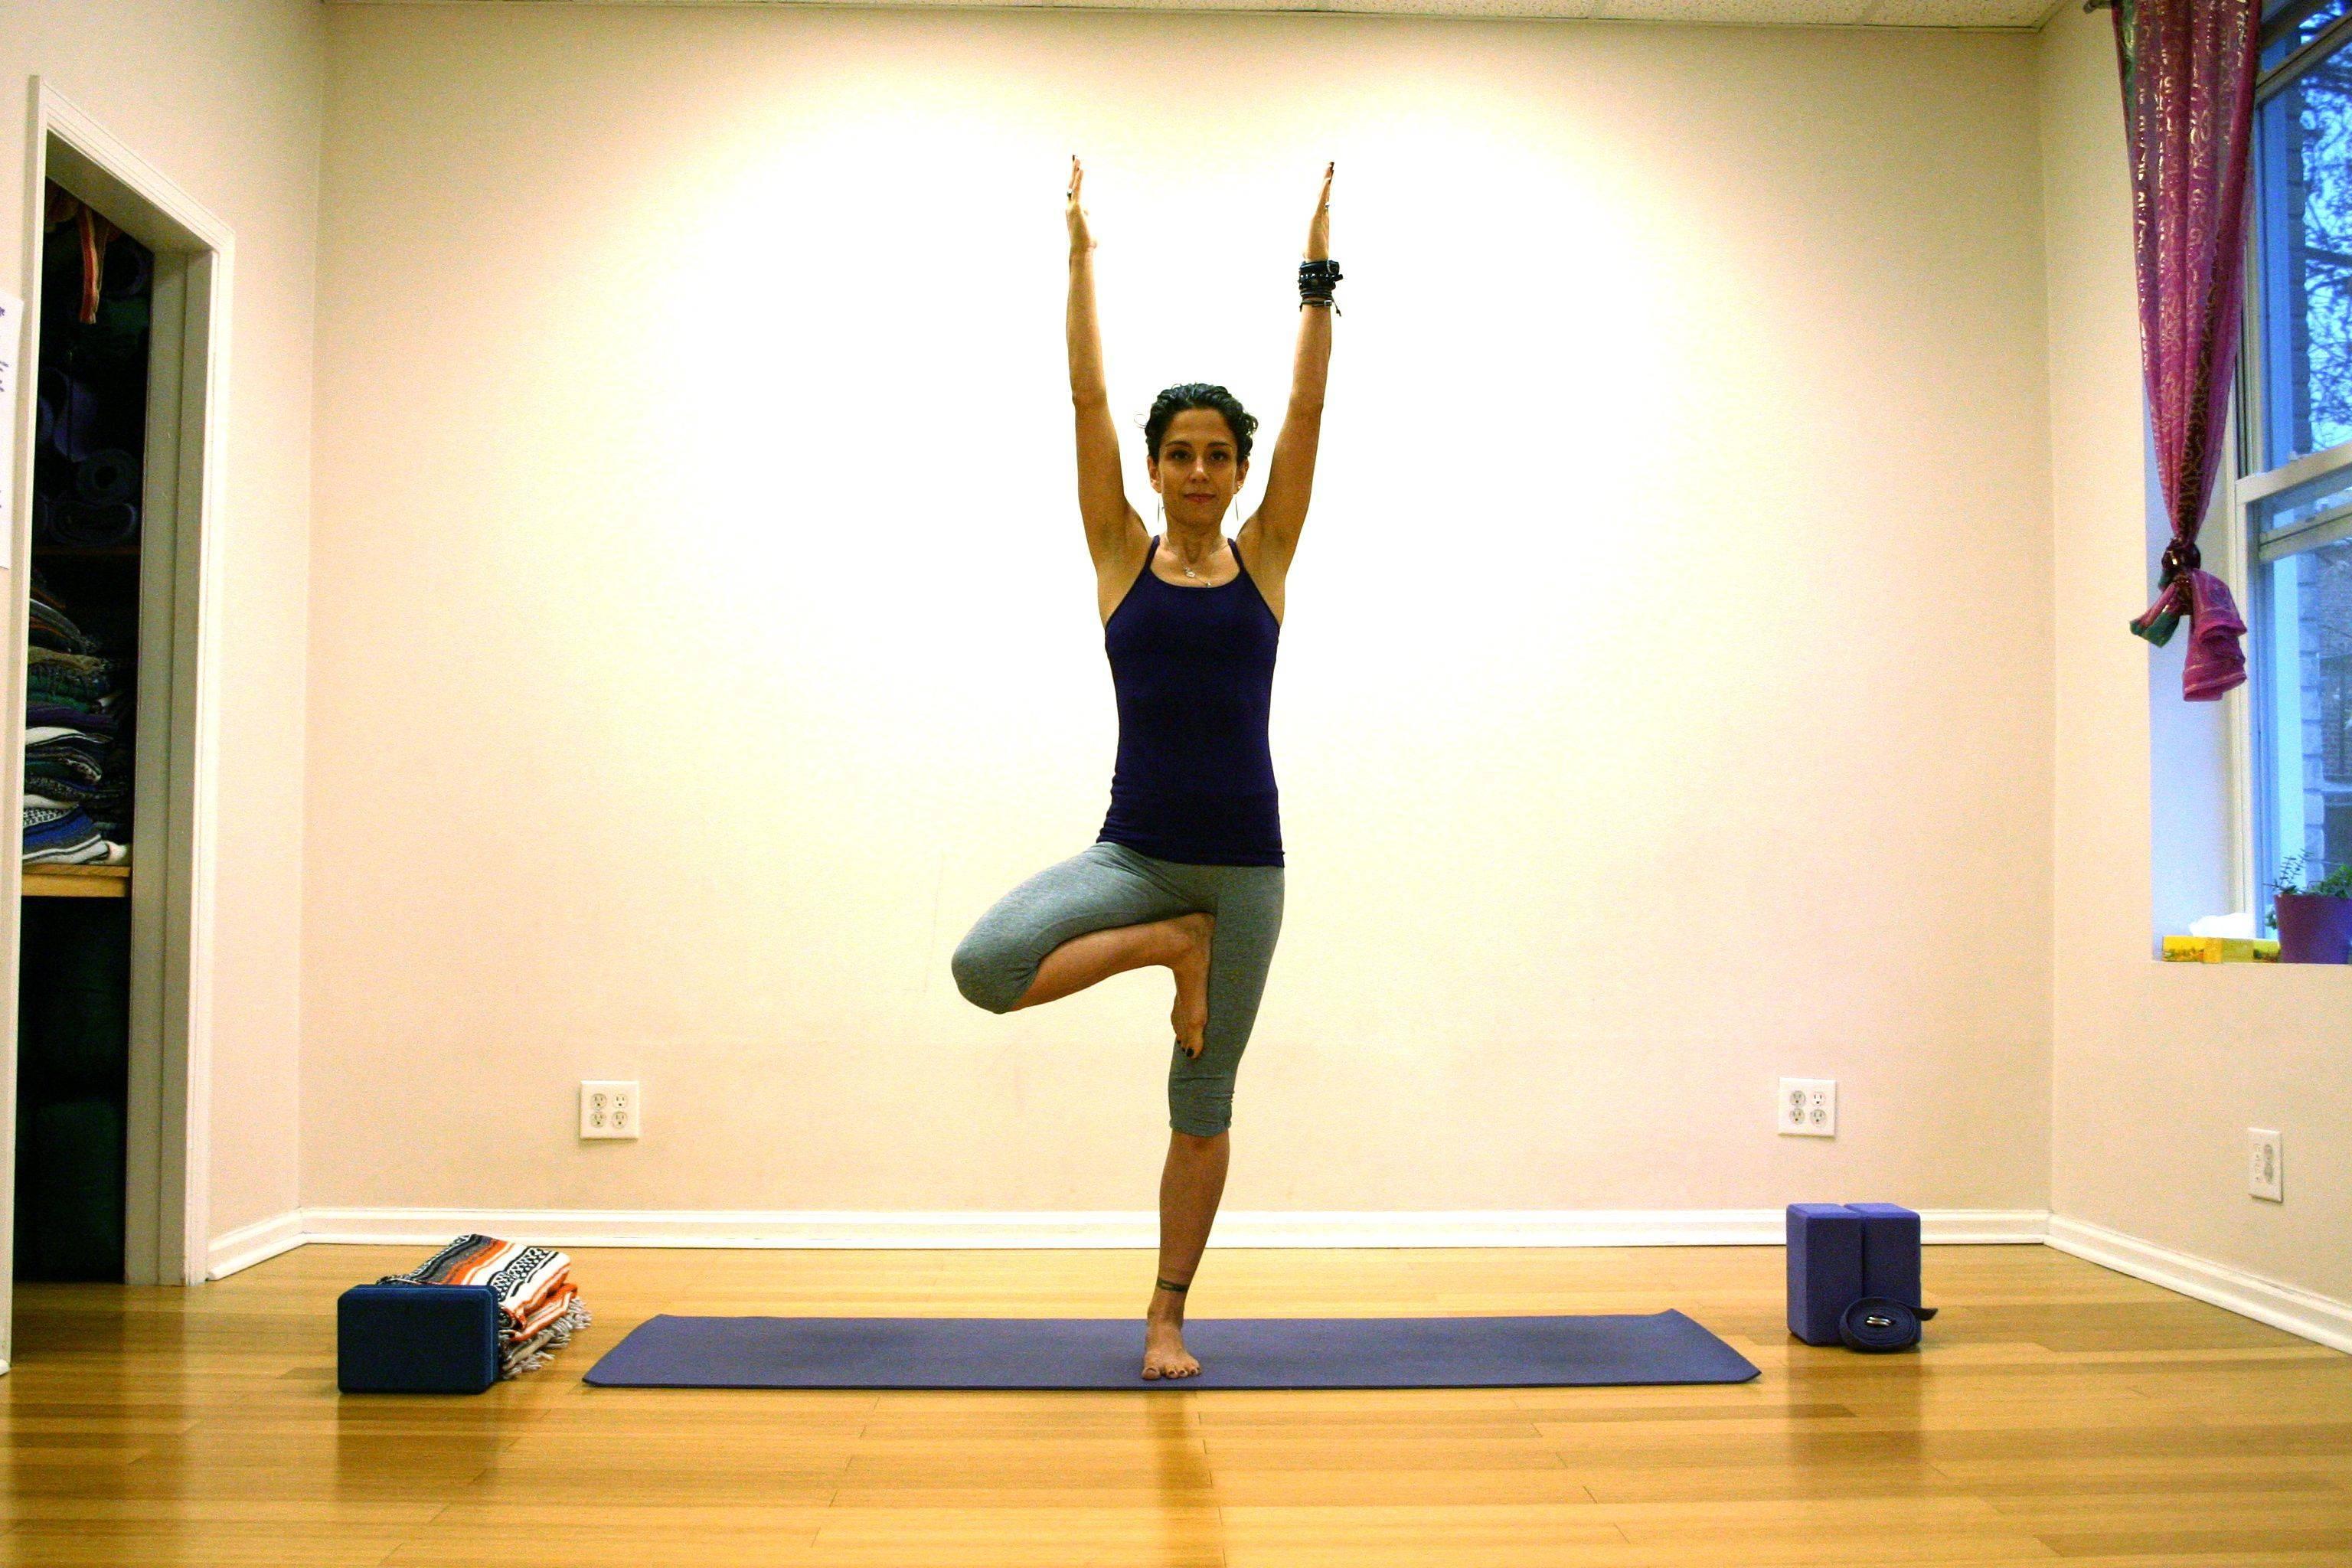 Врикшасана: обрести баланс и спокойствие   федерация йоги россии – федерация йоги россии